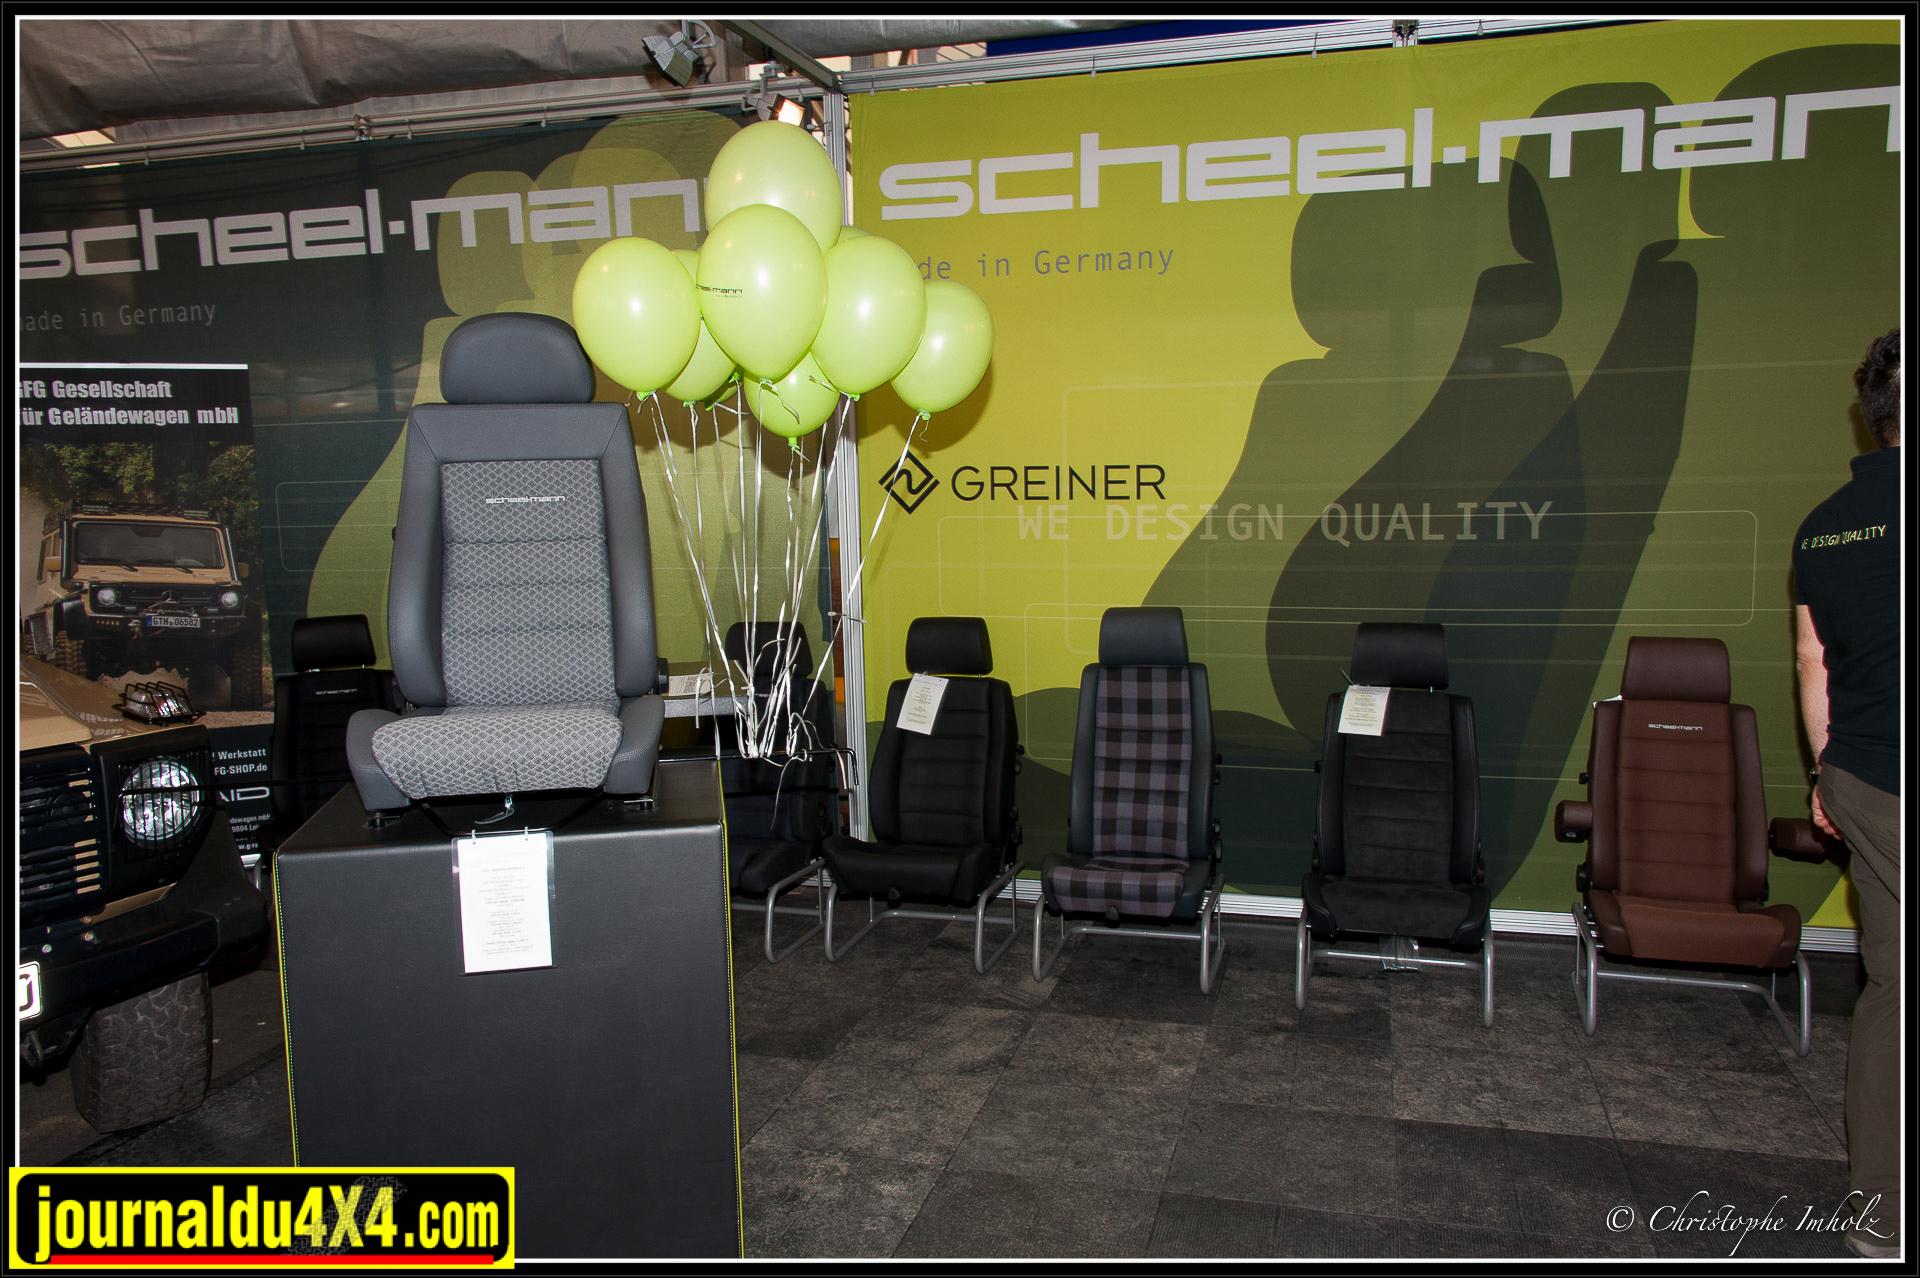 Scheel-man, spécialiste des sièges en deuxième monte